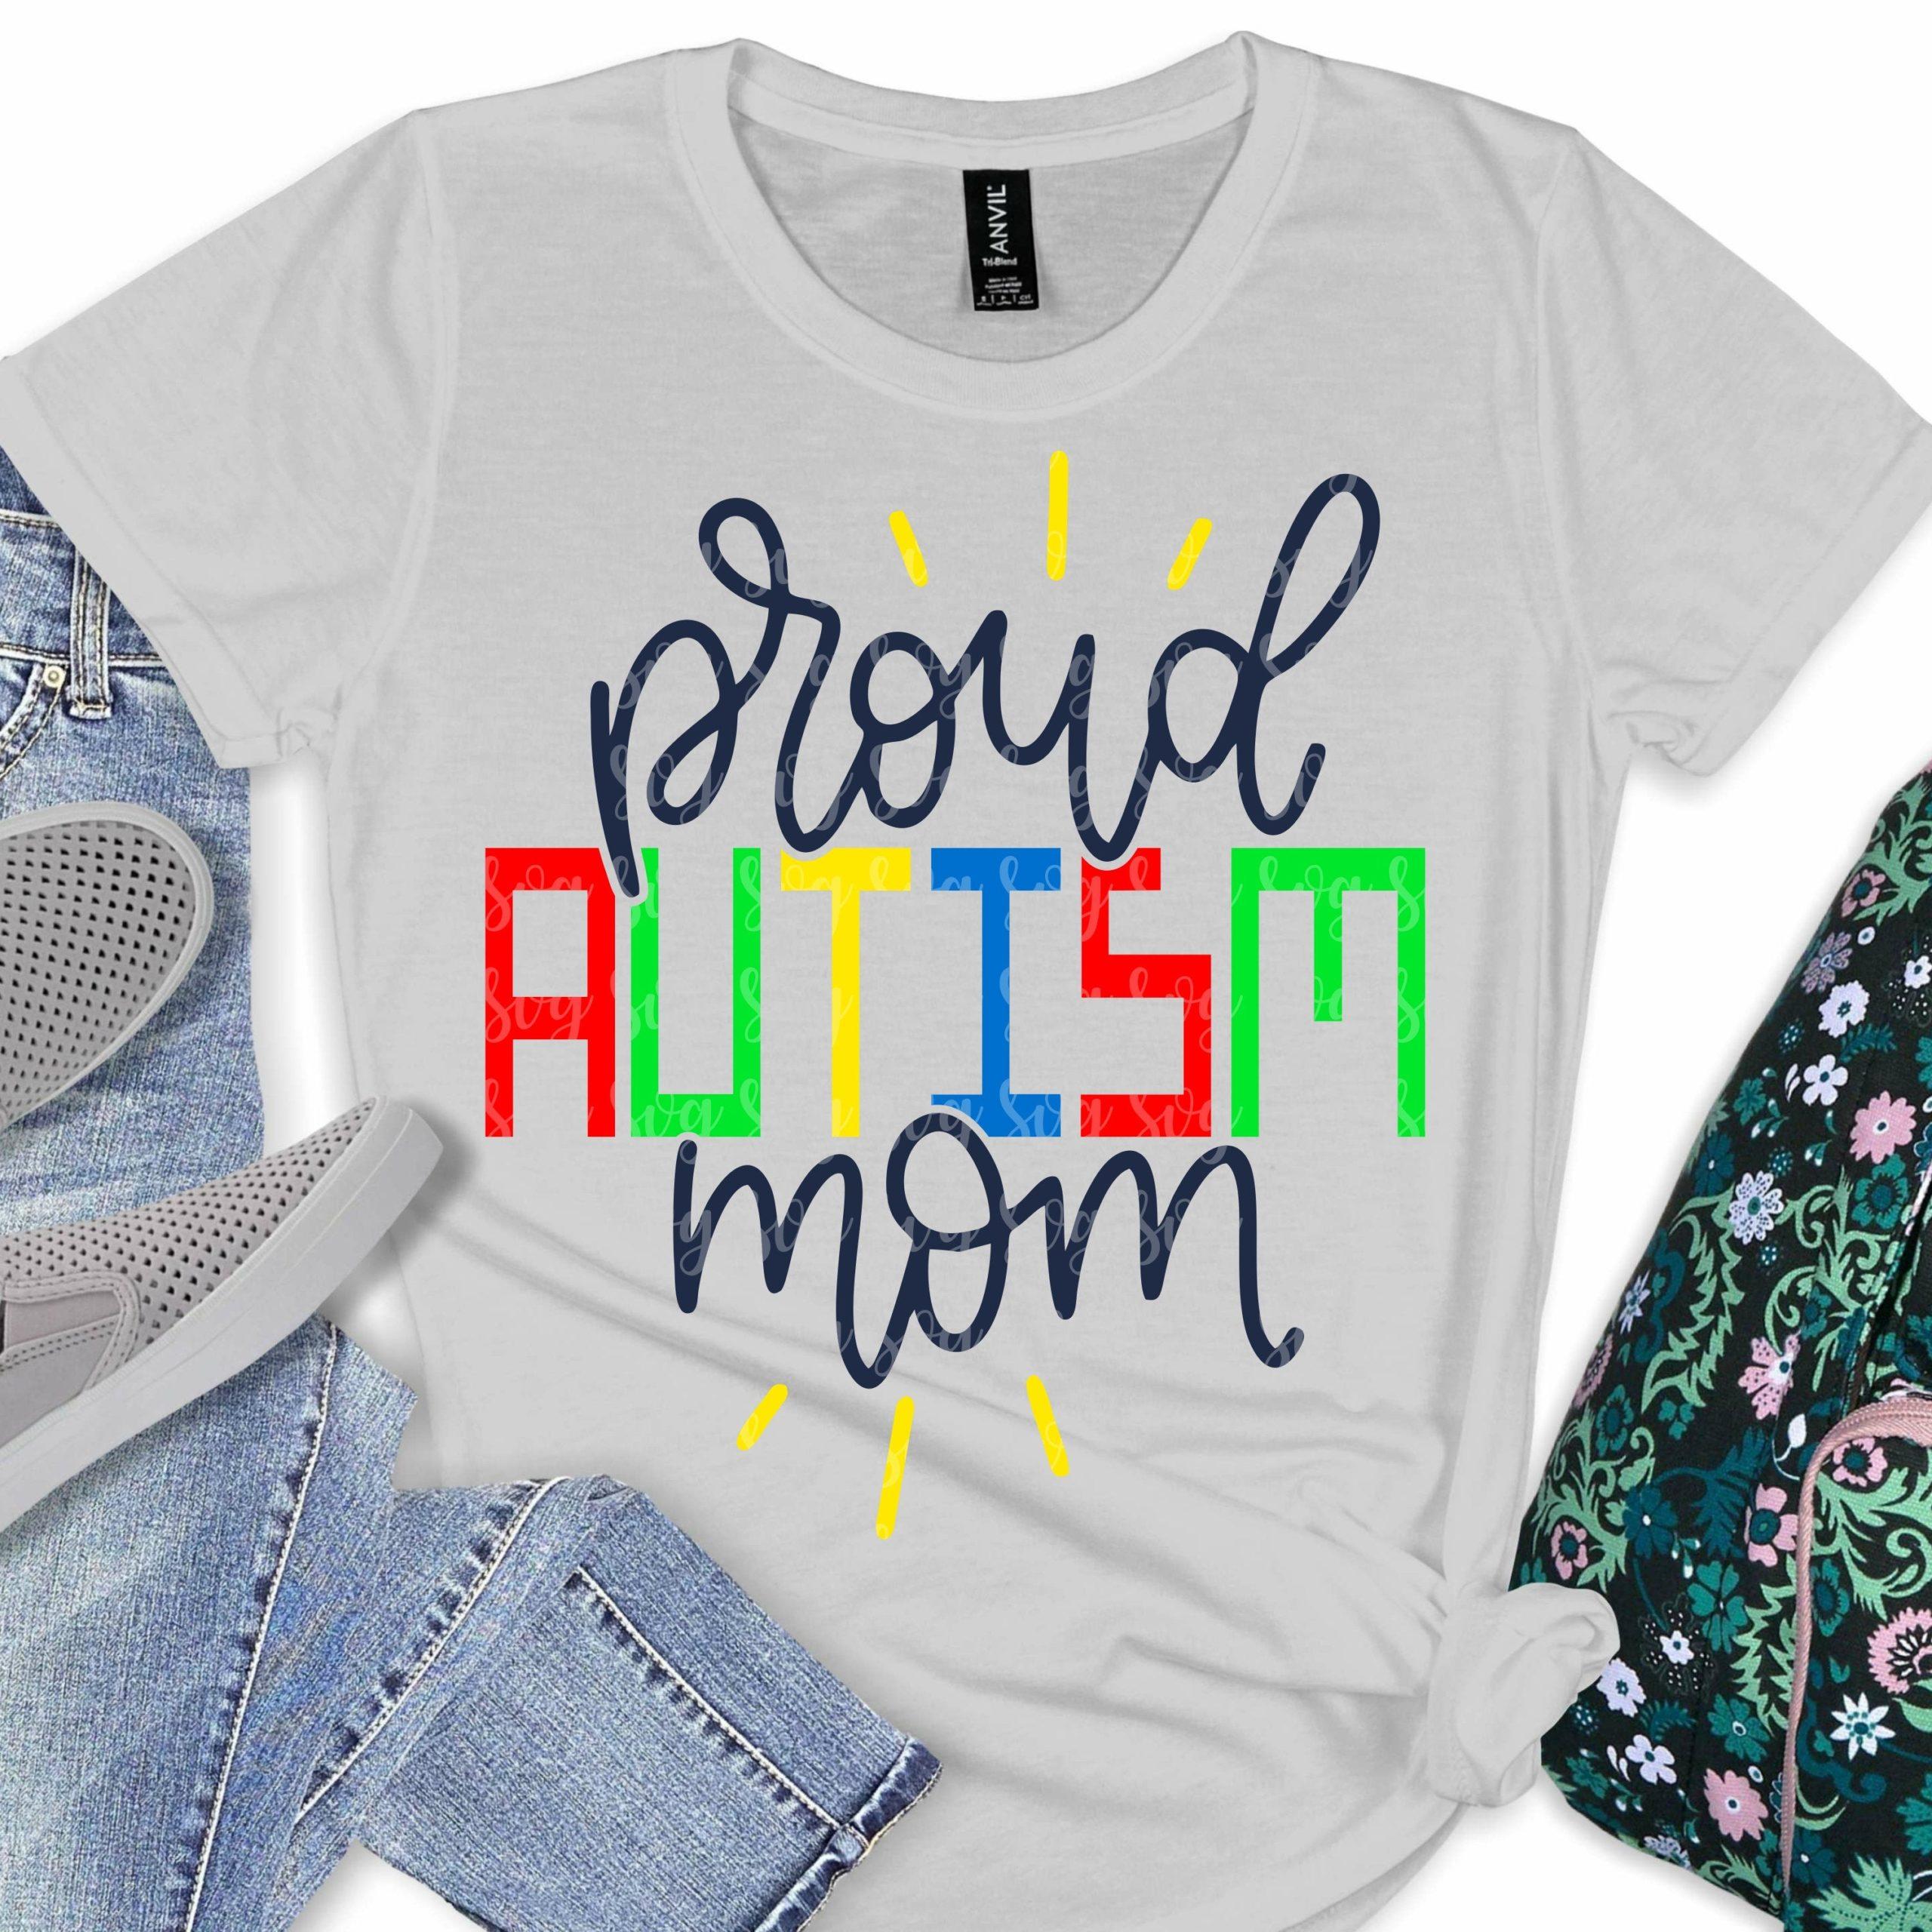 Proud-mom-svgautism-be-kind-be-kind-autism-autism-svg-autism-puzzle-svgcricut-designssilhouette-designs-be-kind-be-kind-be-kind-svg-5ef792ab